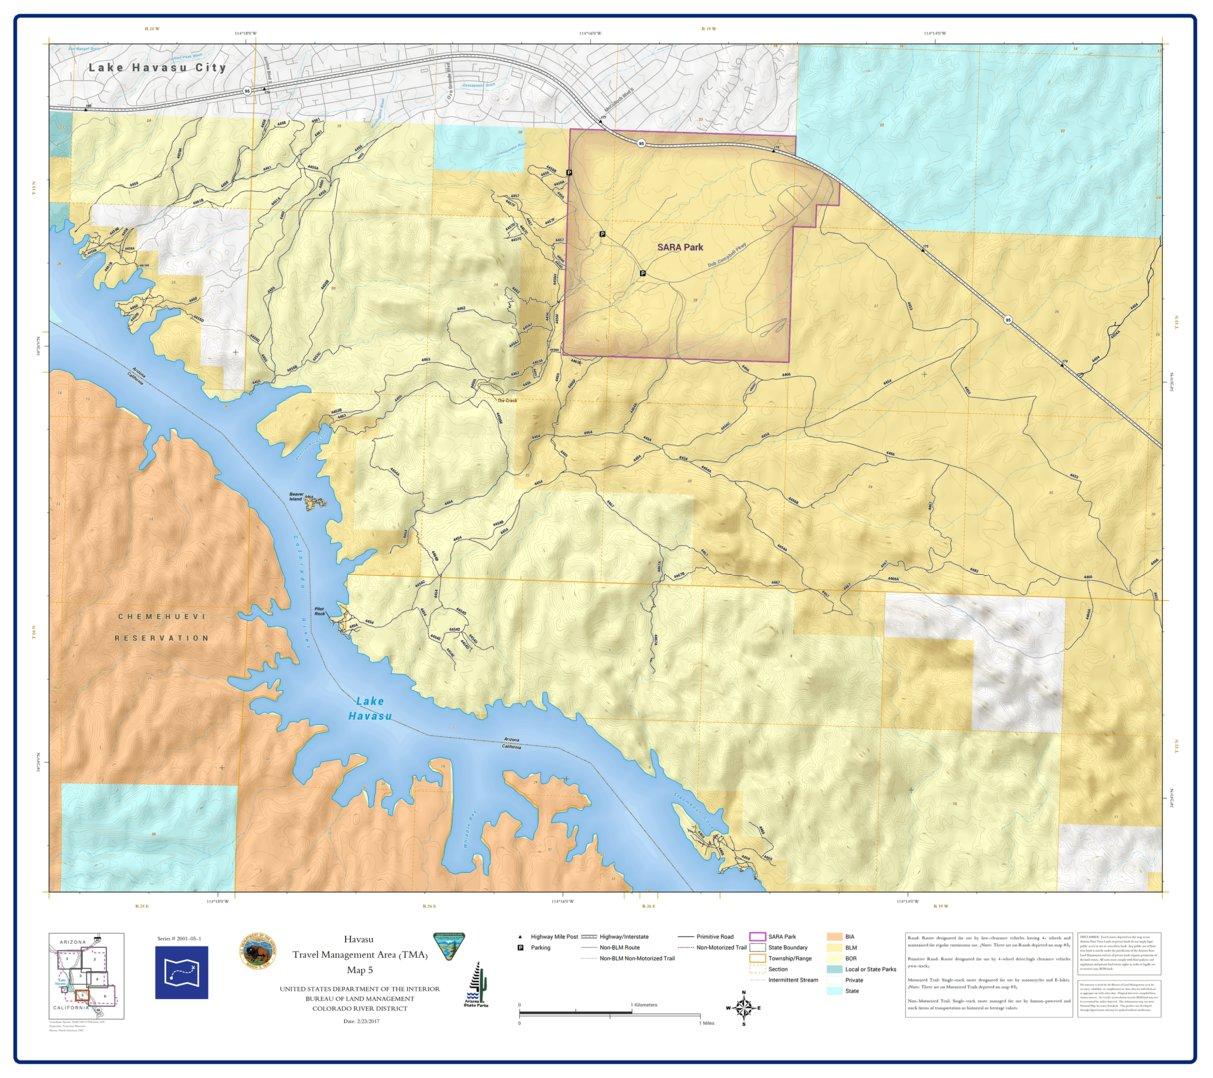 BLM Arizona Havasu Access Guide Map 5 of 7 (GPAZ_TRV2001_05_1_Havasu ...